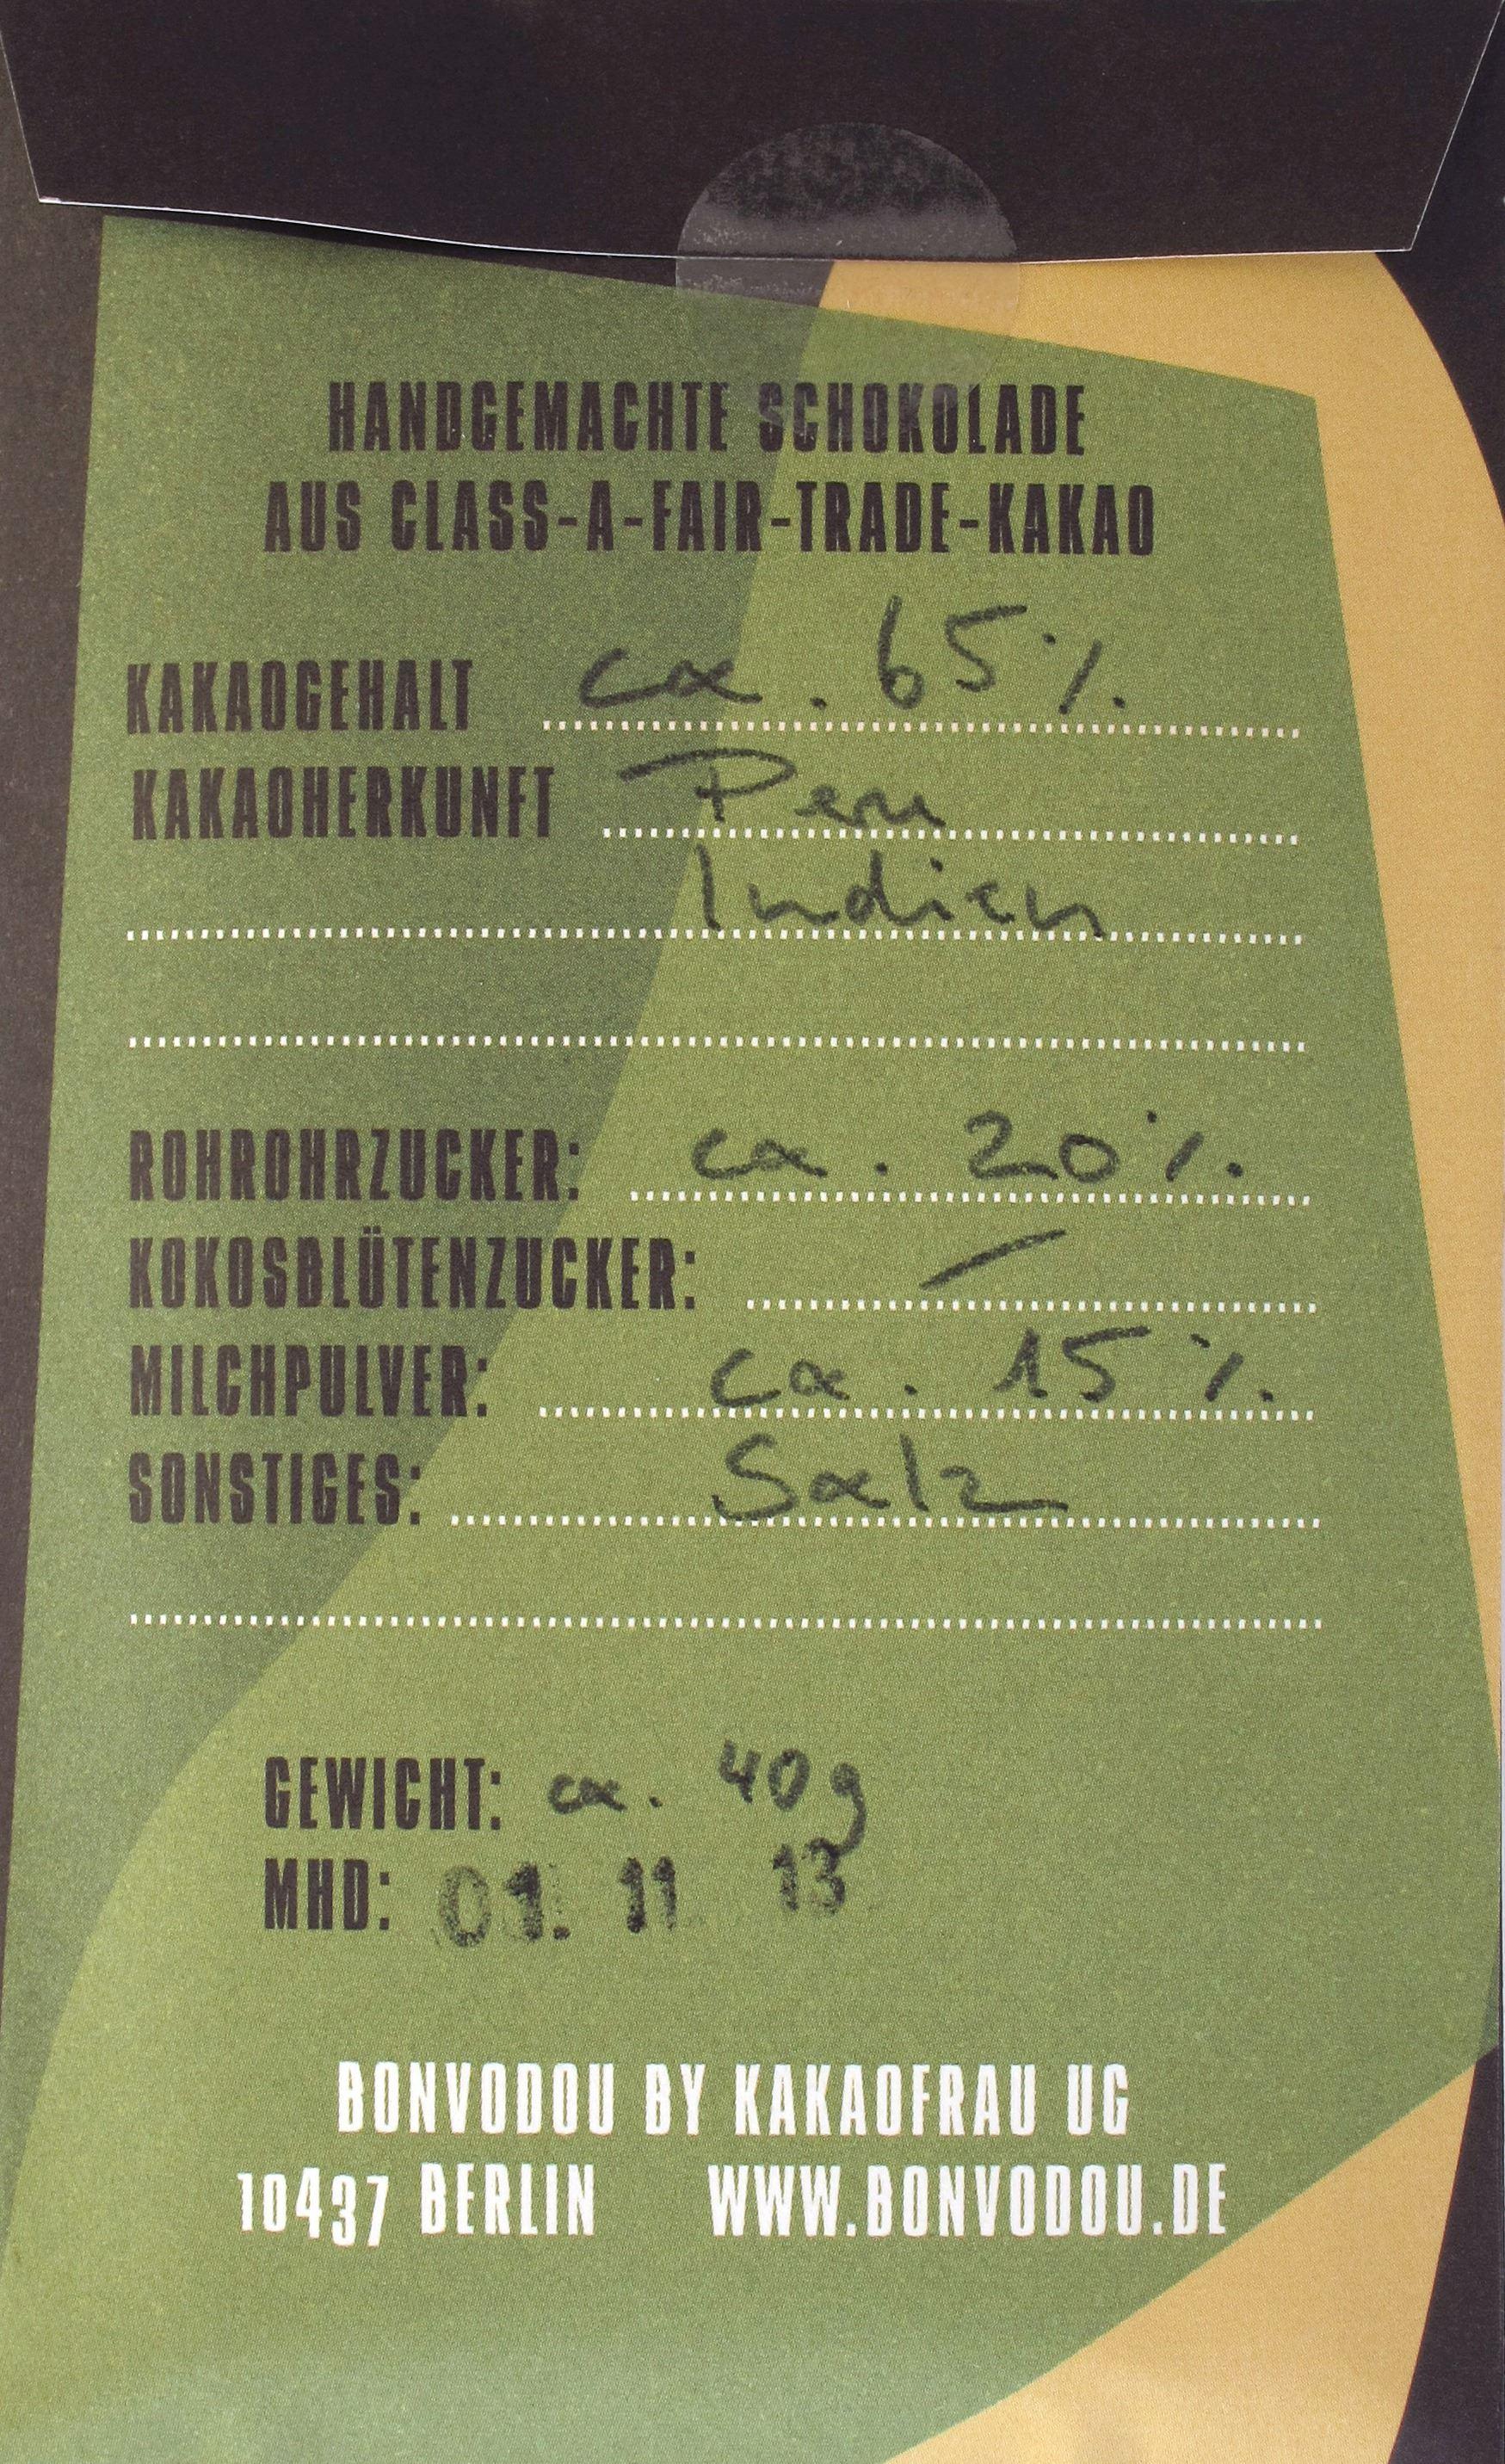 Bonvodou Salzige Ziegenmilch-Schokolade - Packungsrückseite